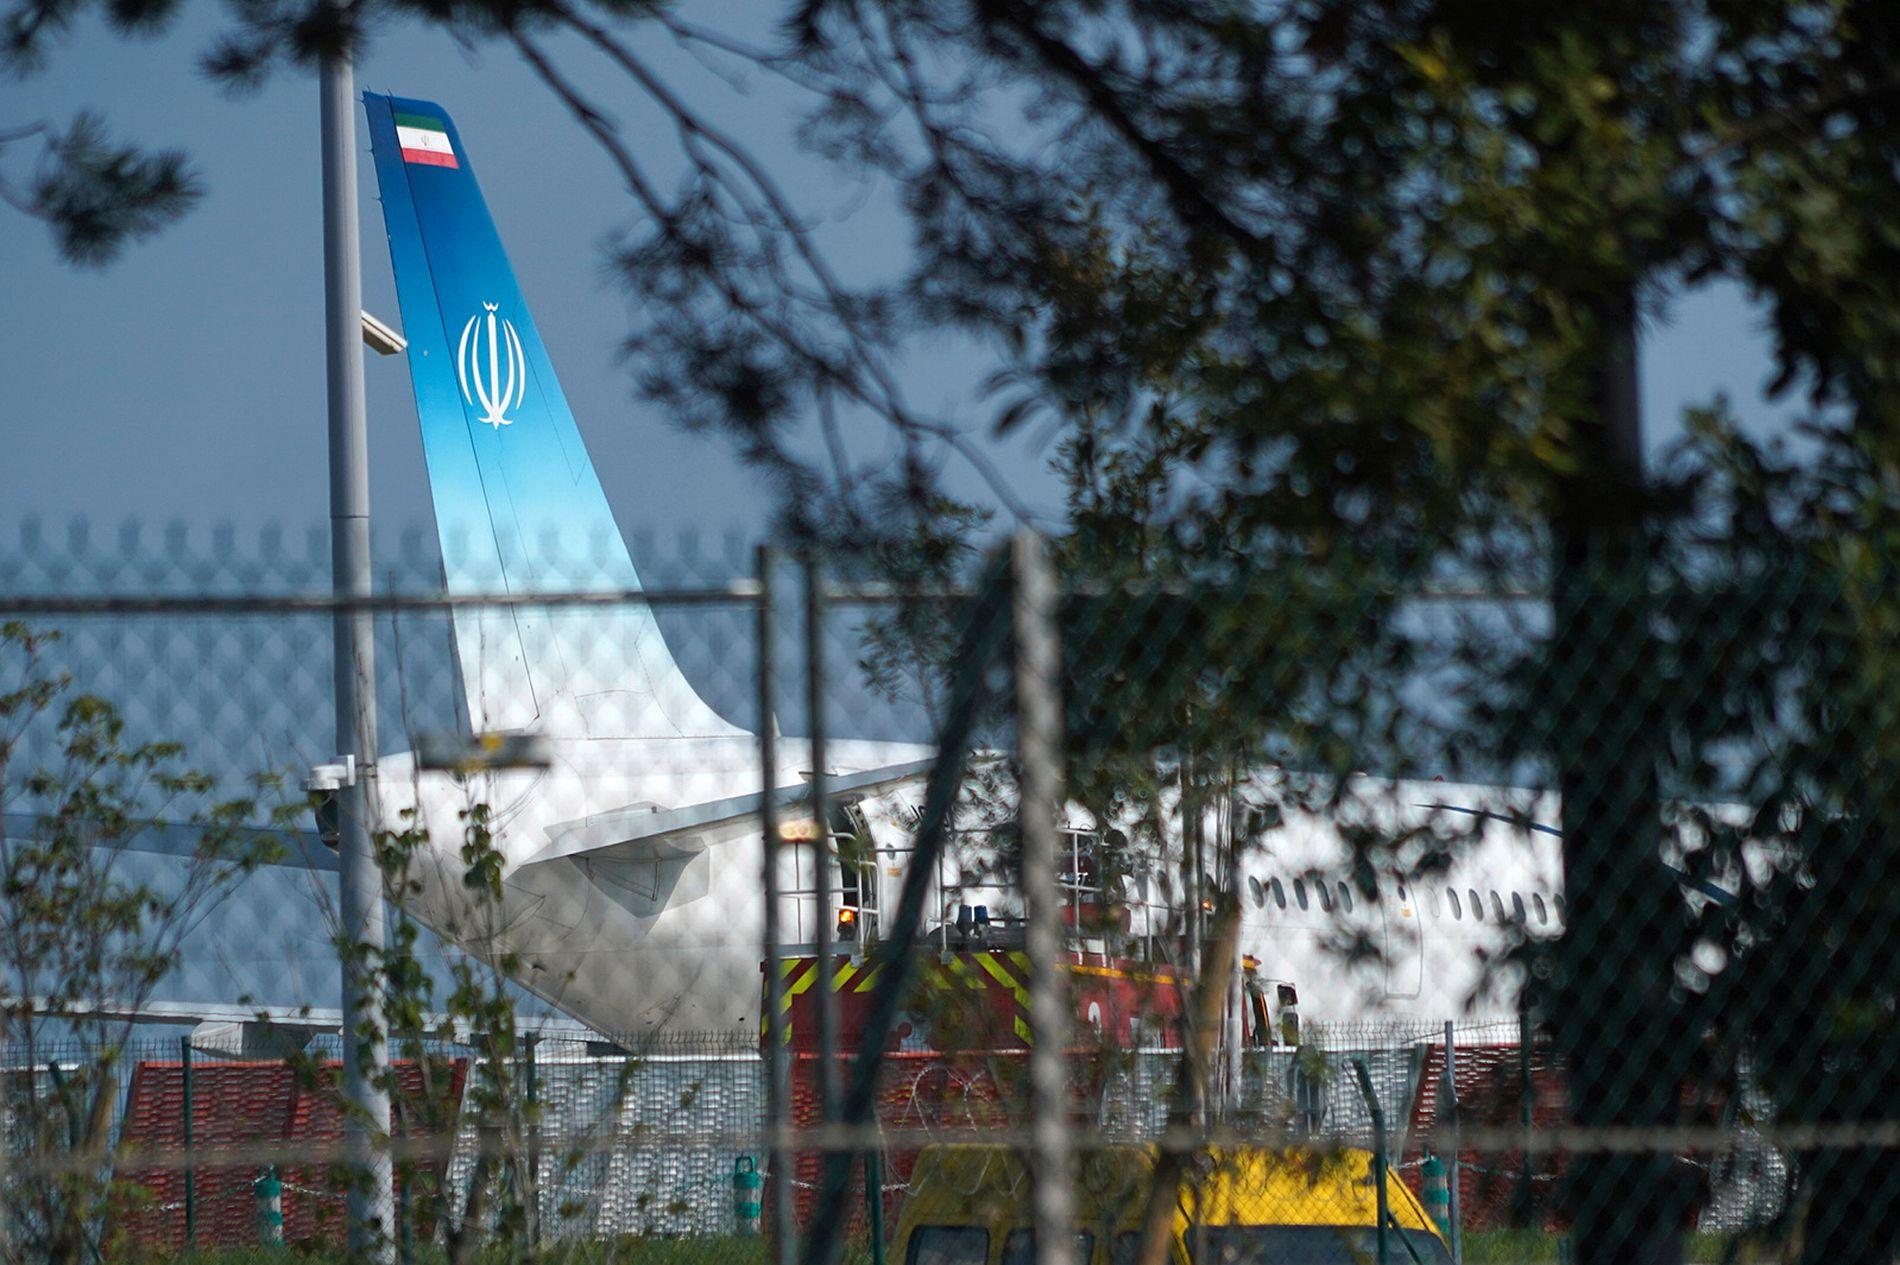 LANDET: Det iranske flyet med Irans statsminister Mohammad Javad Zarif har landet i Frankrike.